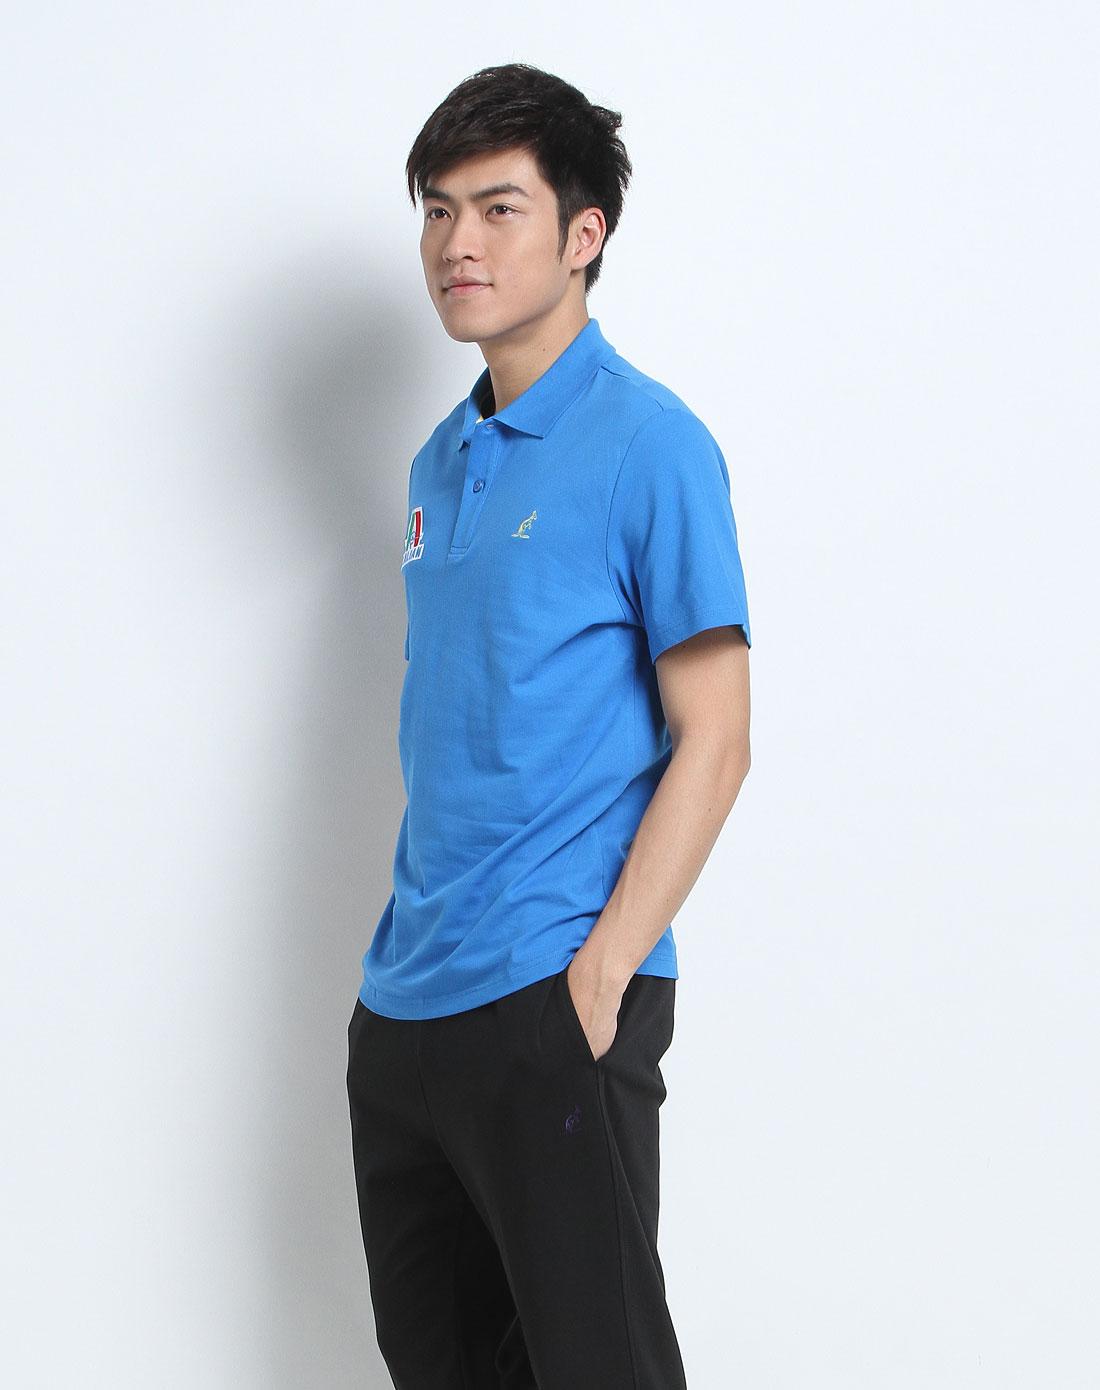 蓝色意大利logo短袖休闲polo衫